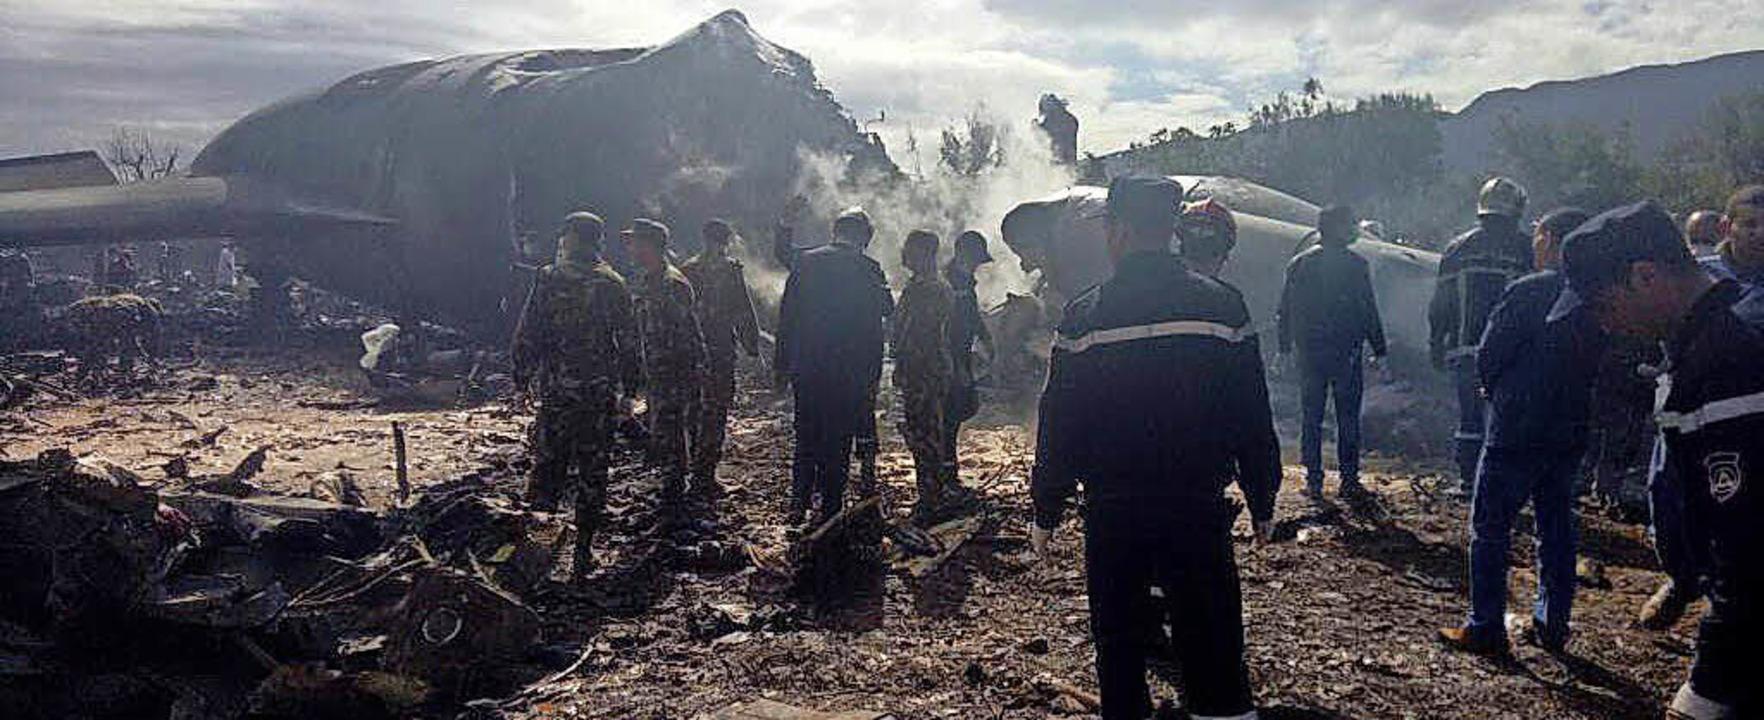 Feuerwehrleute stehen vor dem Wrack des abgestürzten Militärflugzeugs.   | Foto: dpa